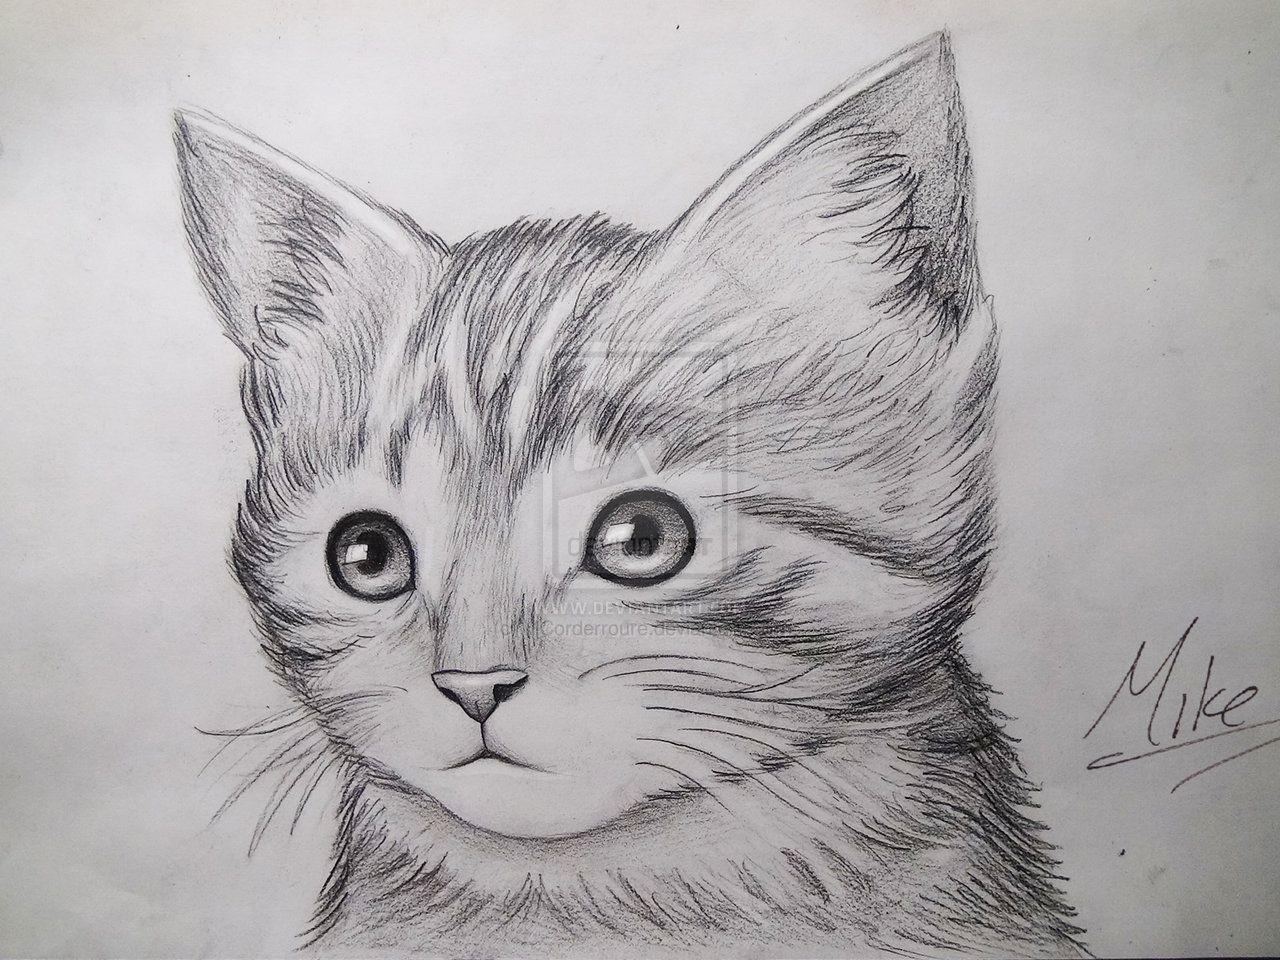 flowers drawings - Google Search   Kitty drawing, Kitten ...